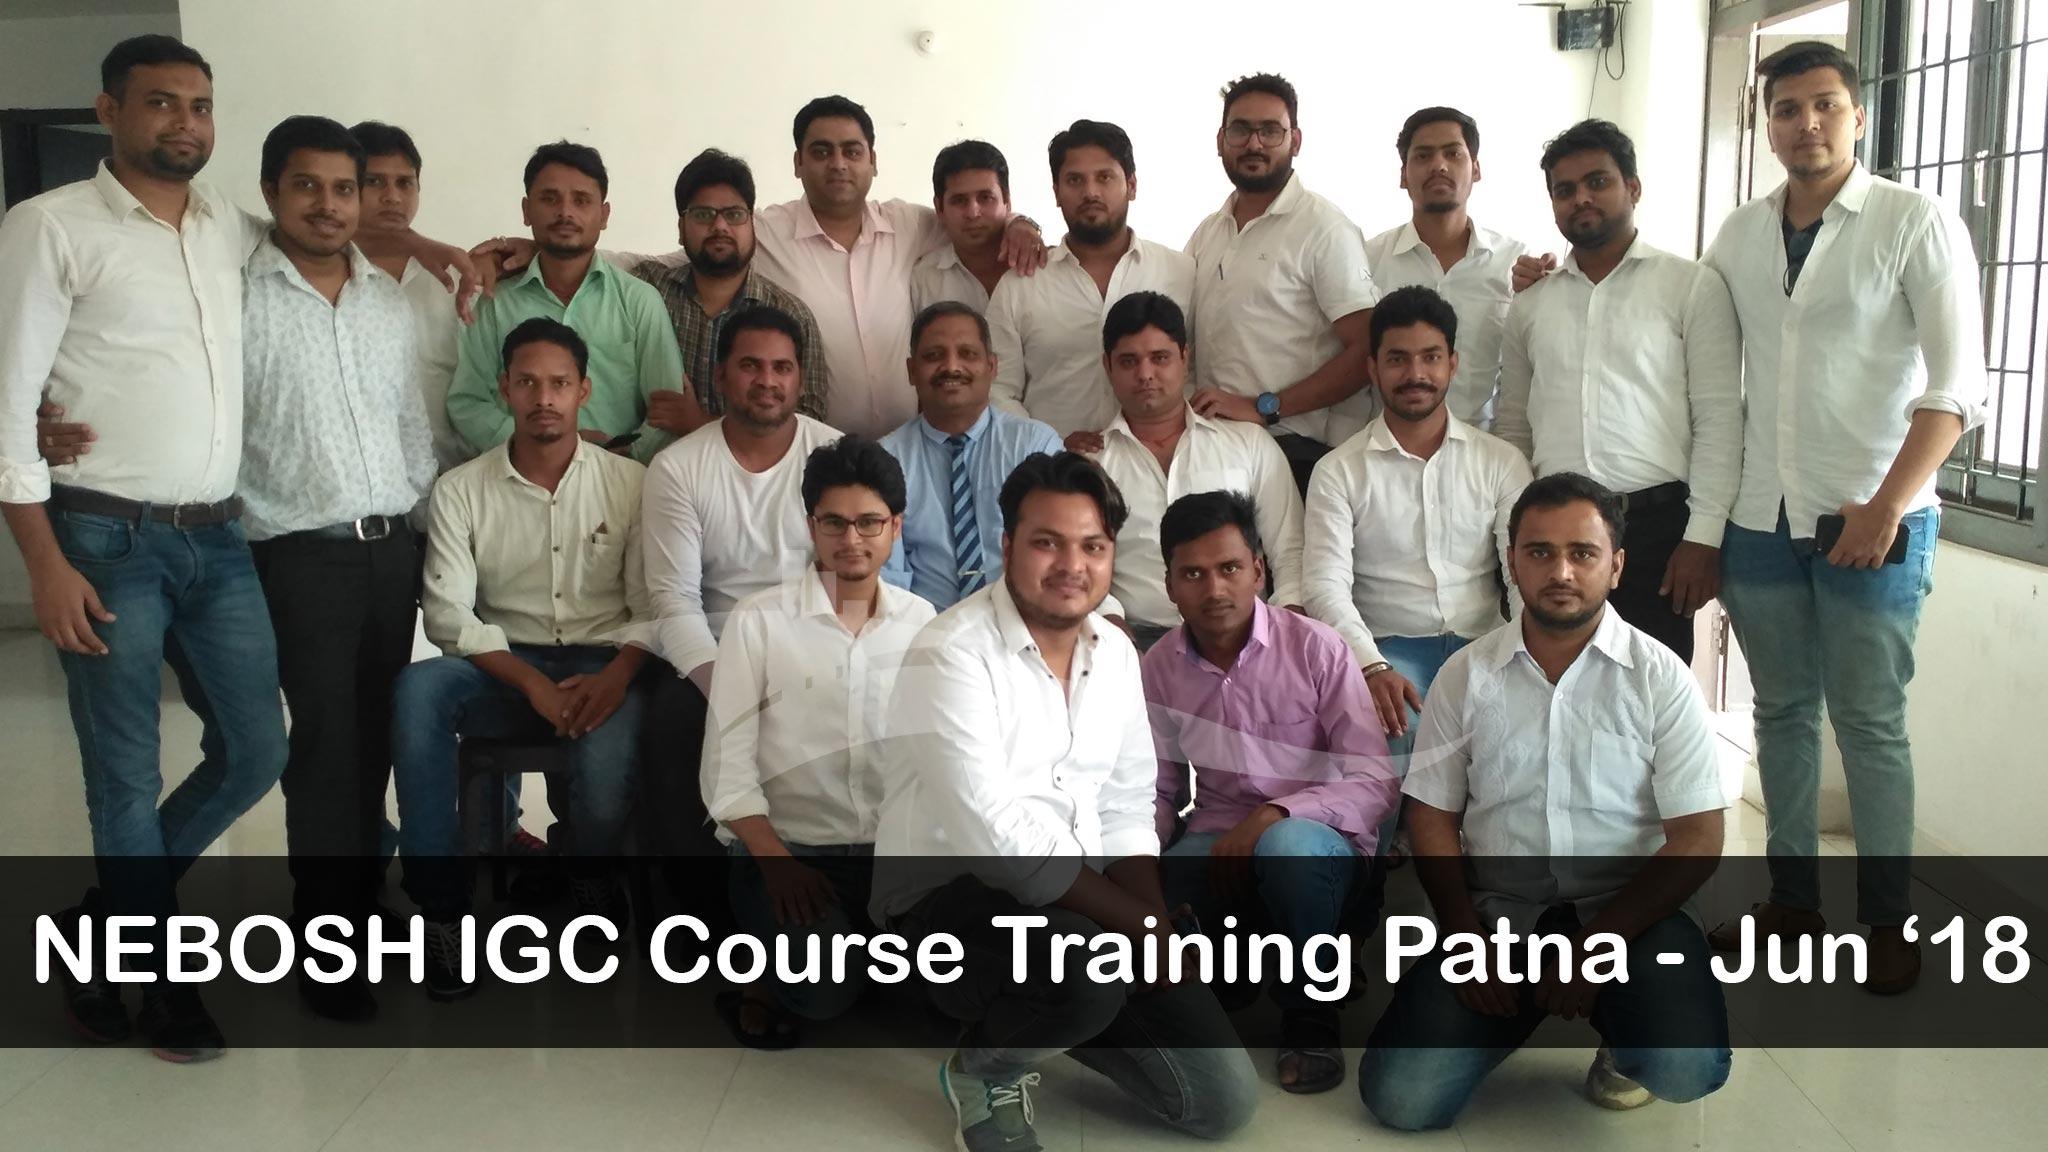 nebosh-igc-course-training-patna